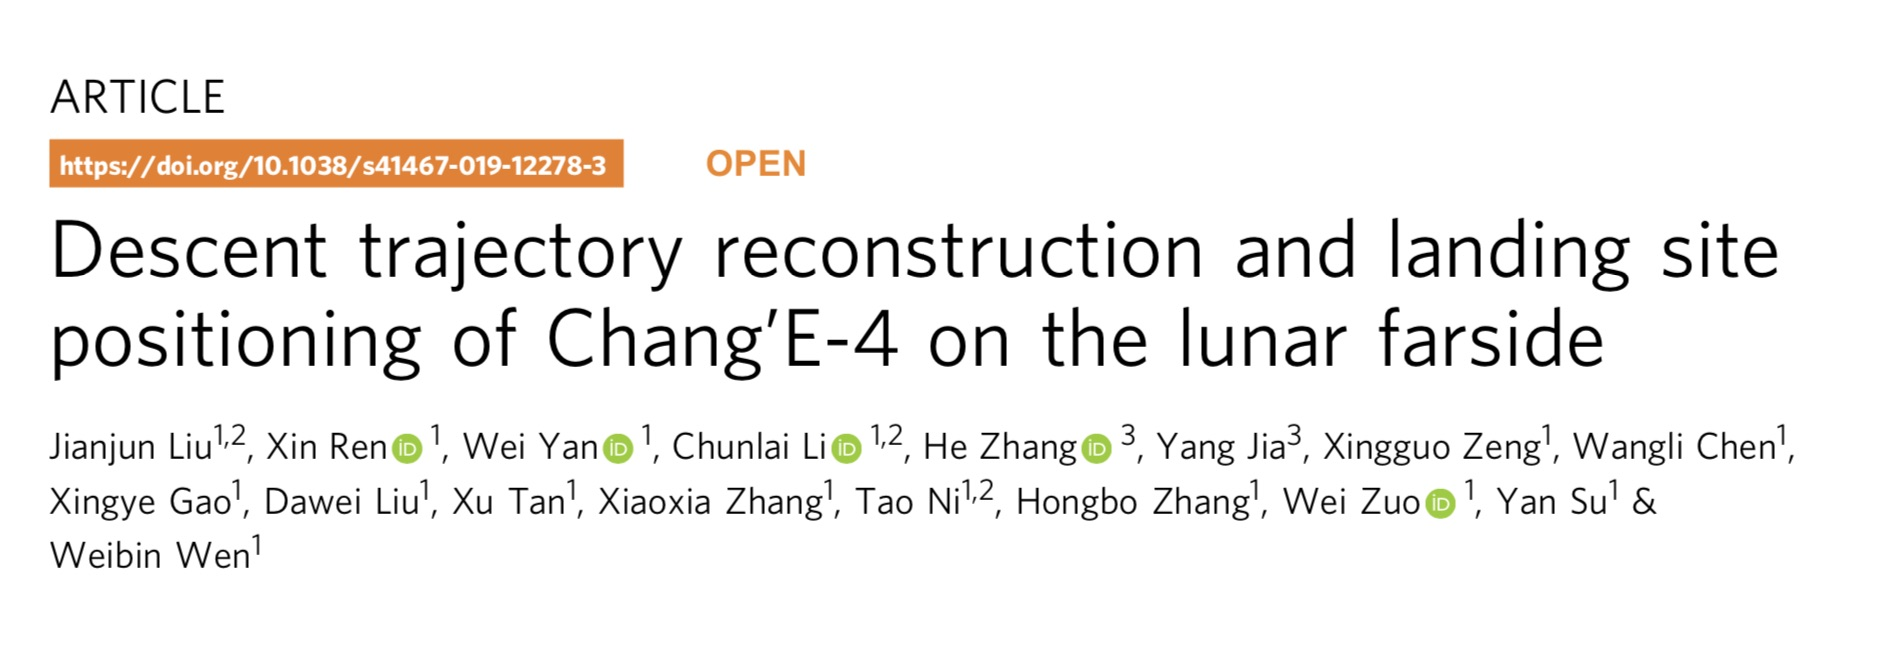 """科学家重建""""嫦娥四号""""落月轨迹,精确定位着陆位置中国科学家嫦娥四号精确定位"""